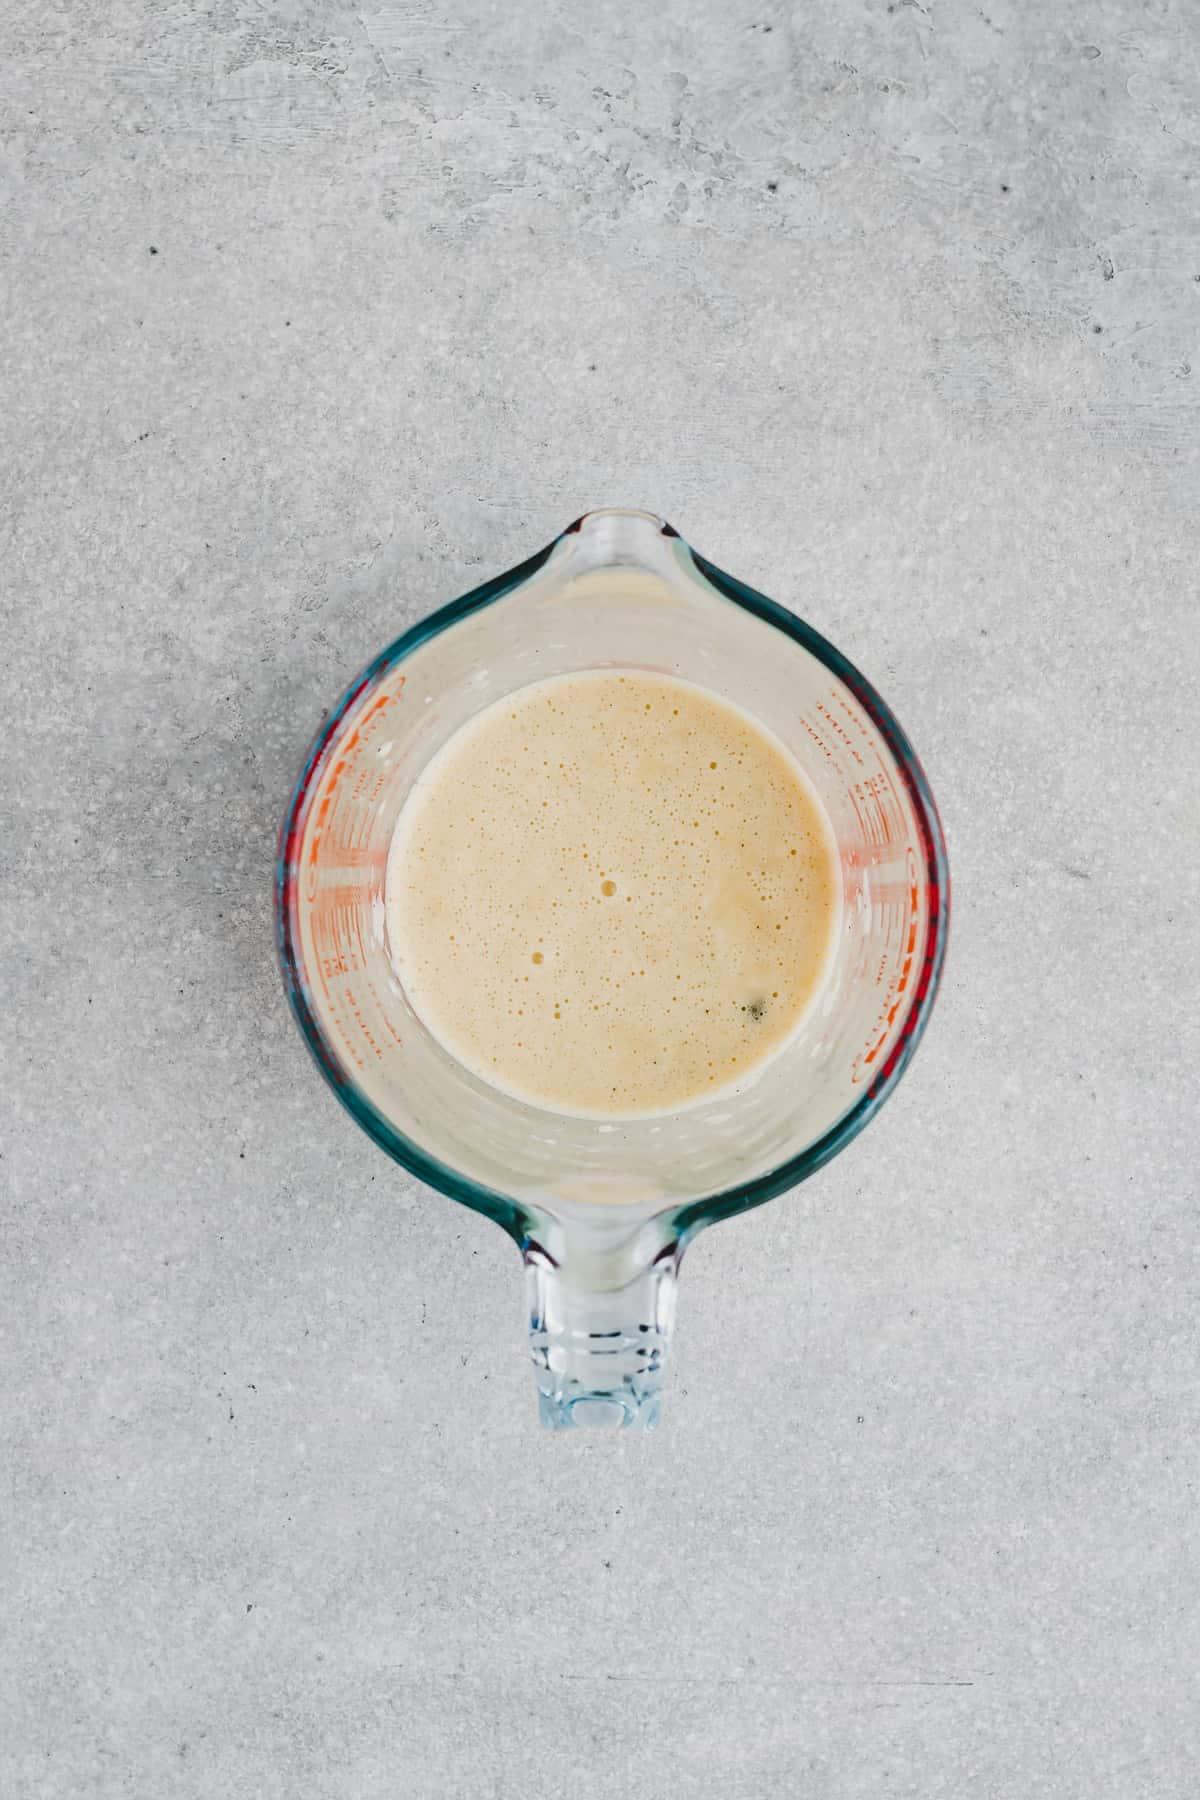 Asparagus Carbonara Recipe Step-6